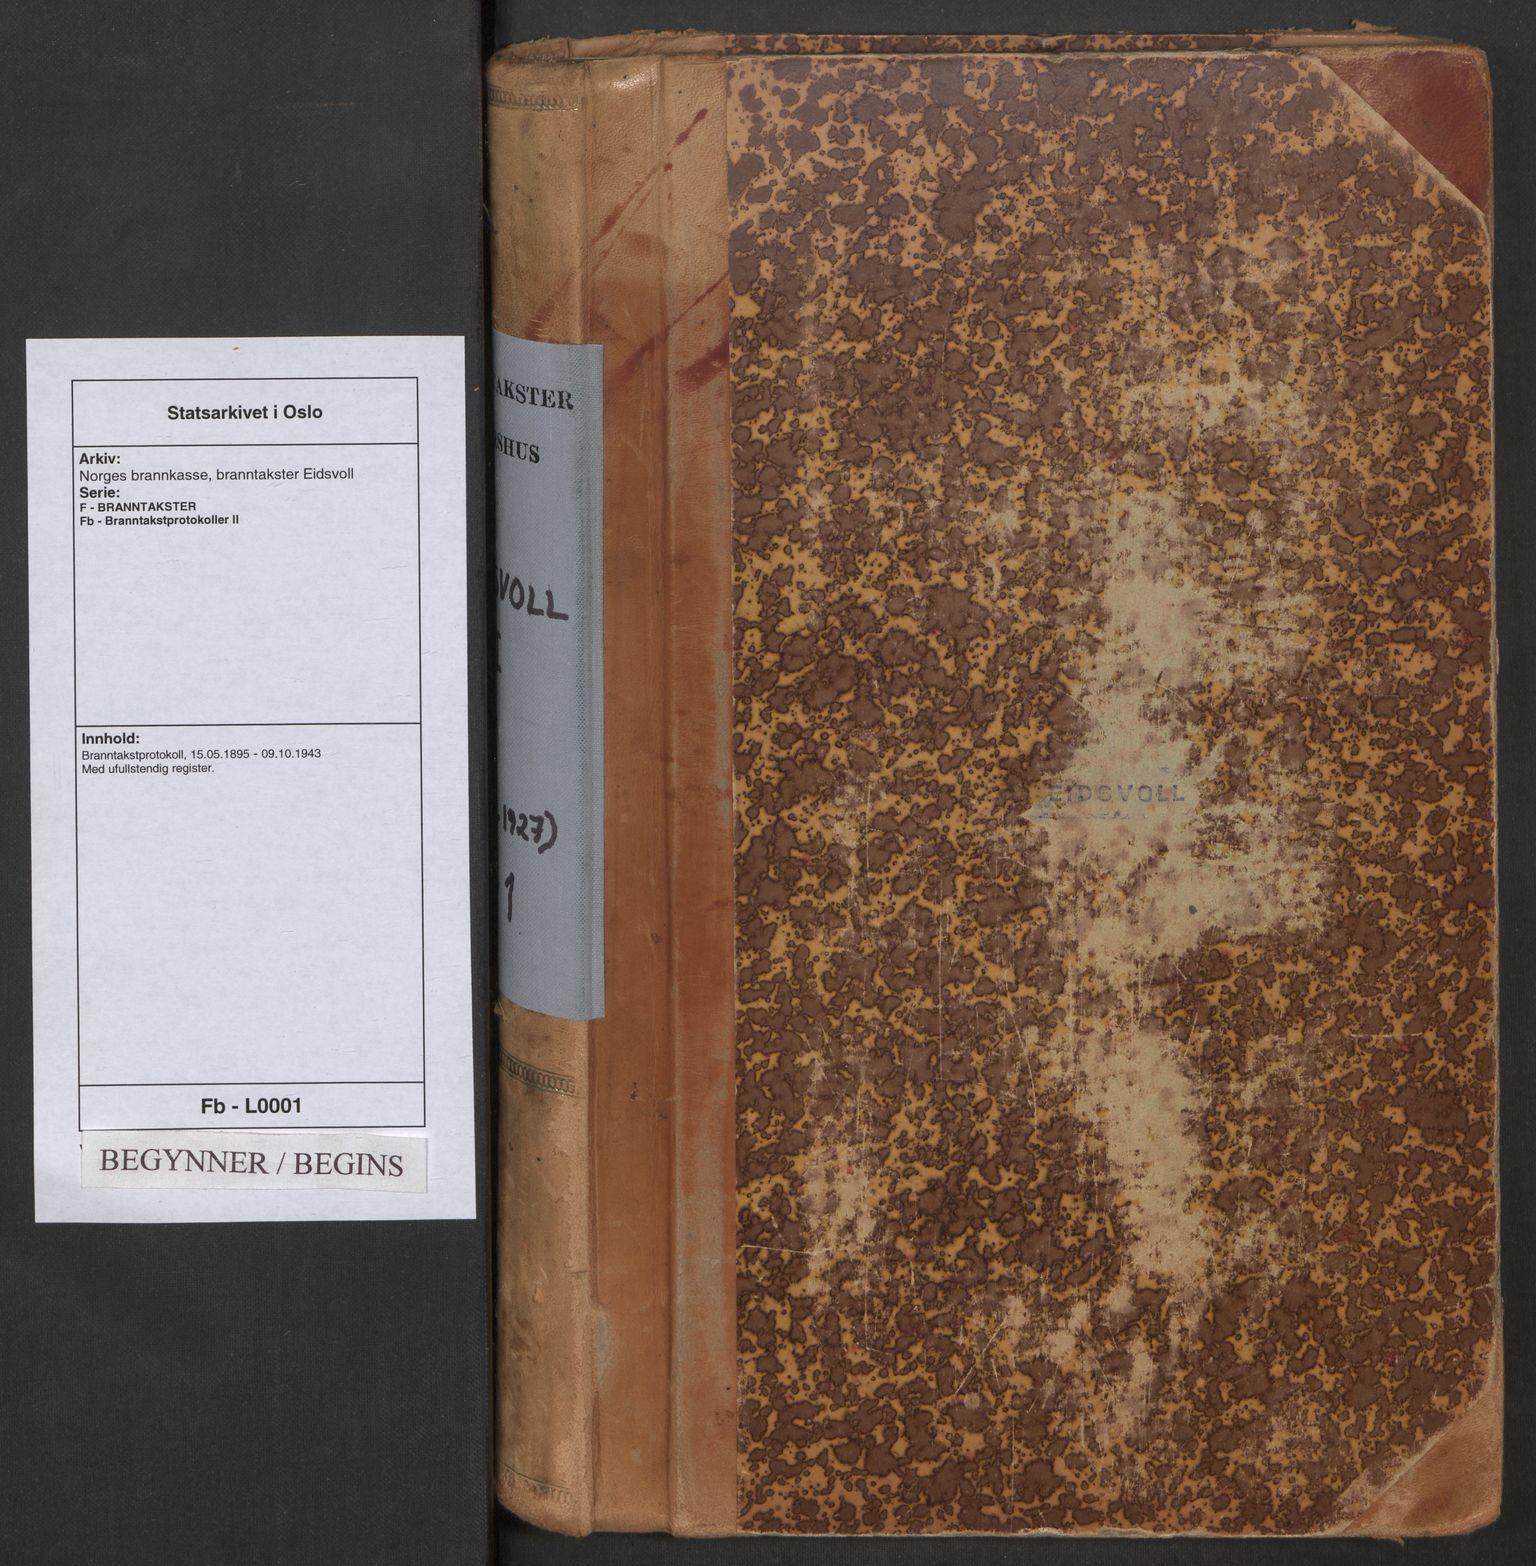 SAO, Norges brannkasse, branntakster Eidsvoll, F/Fb/L0001: Branntakstprotokoll, 1895-1943